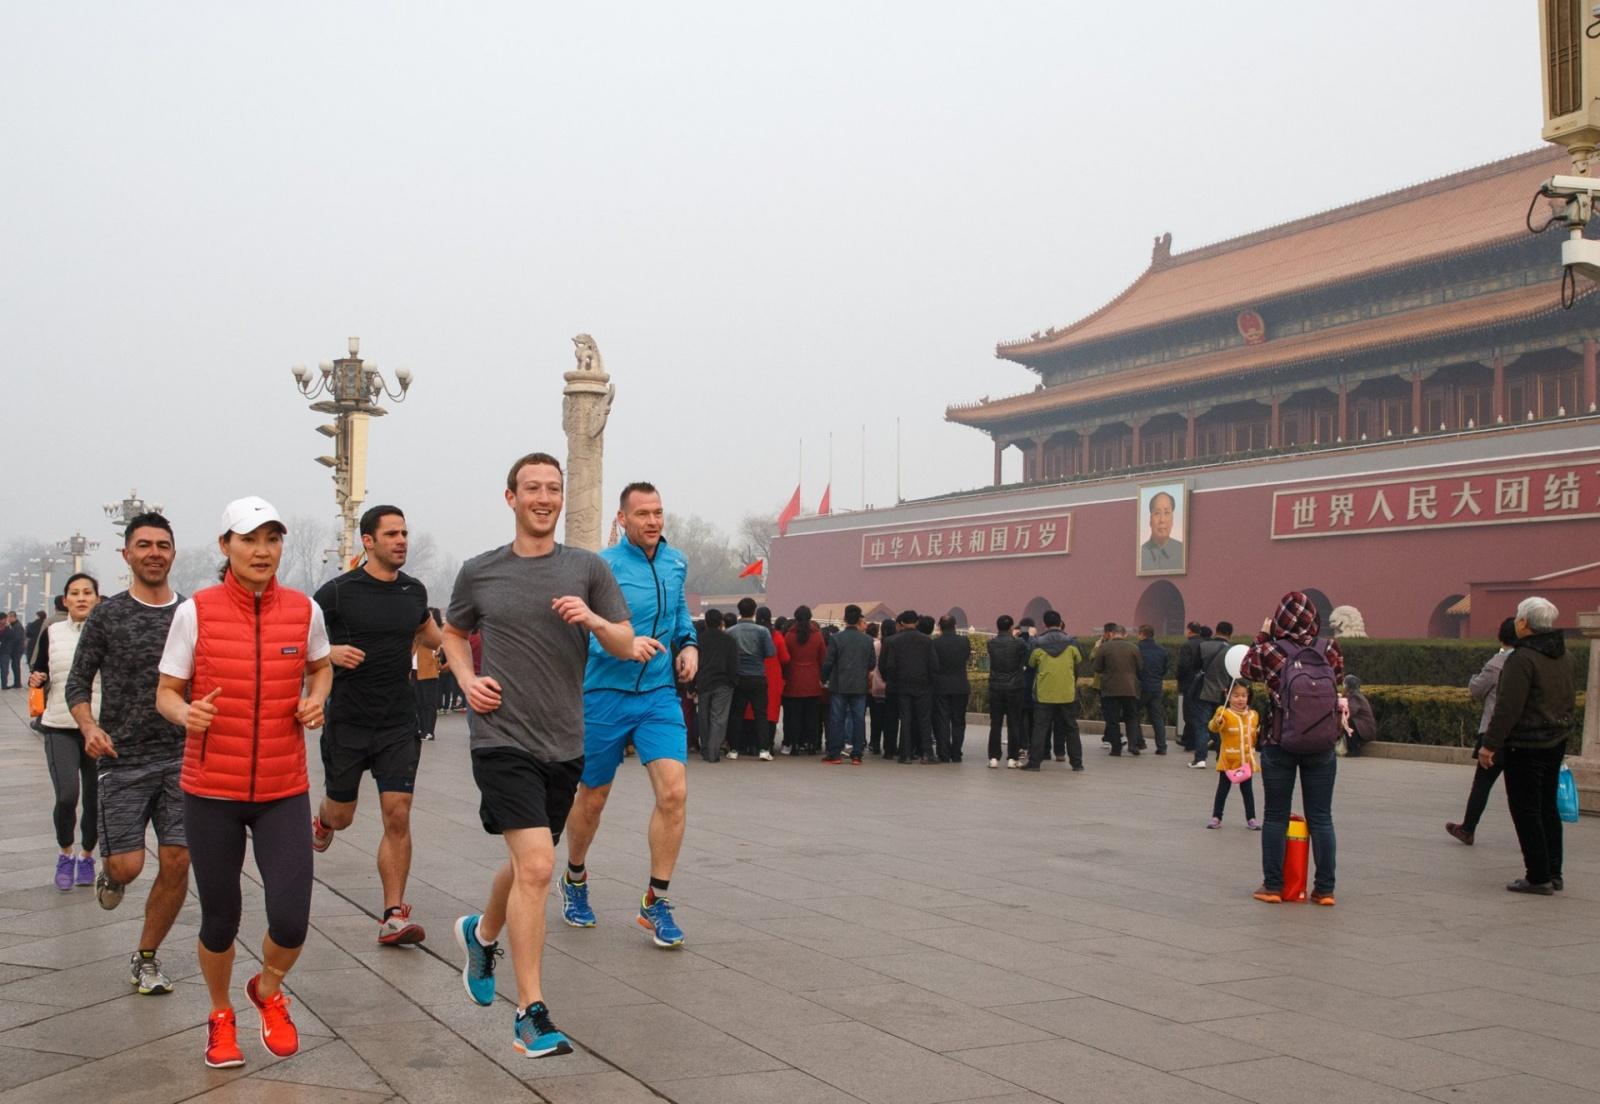 Facebook тайно выпустила приложение в Китае через подставную компанию - 1